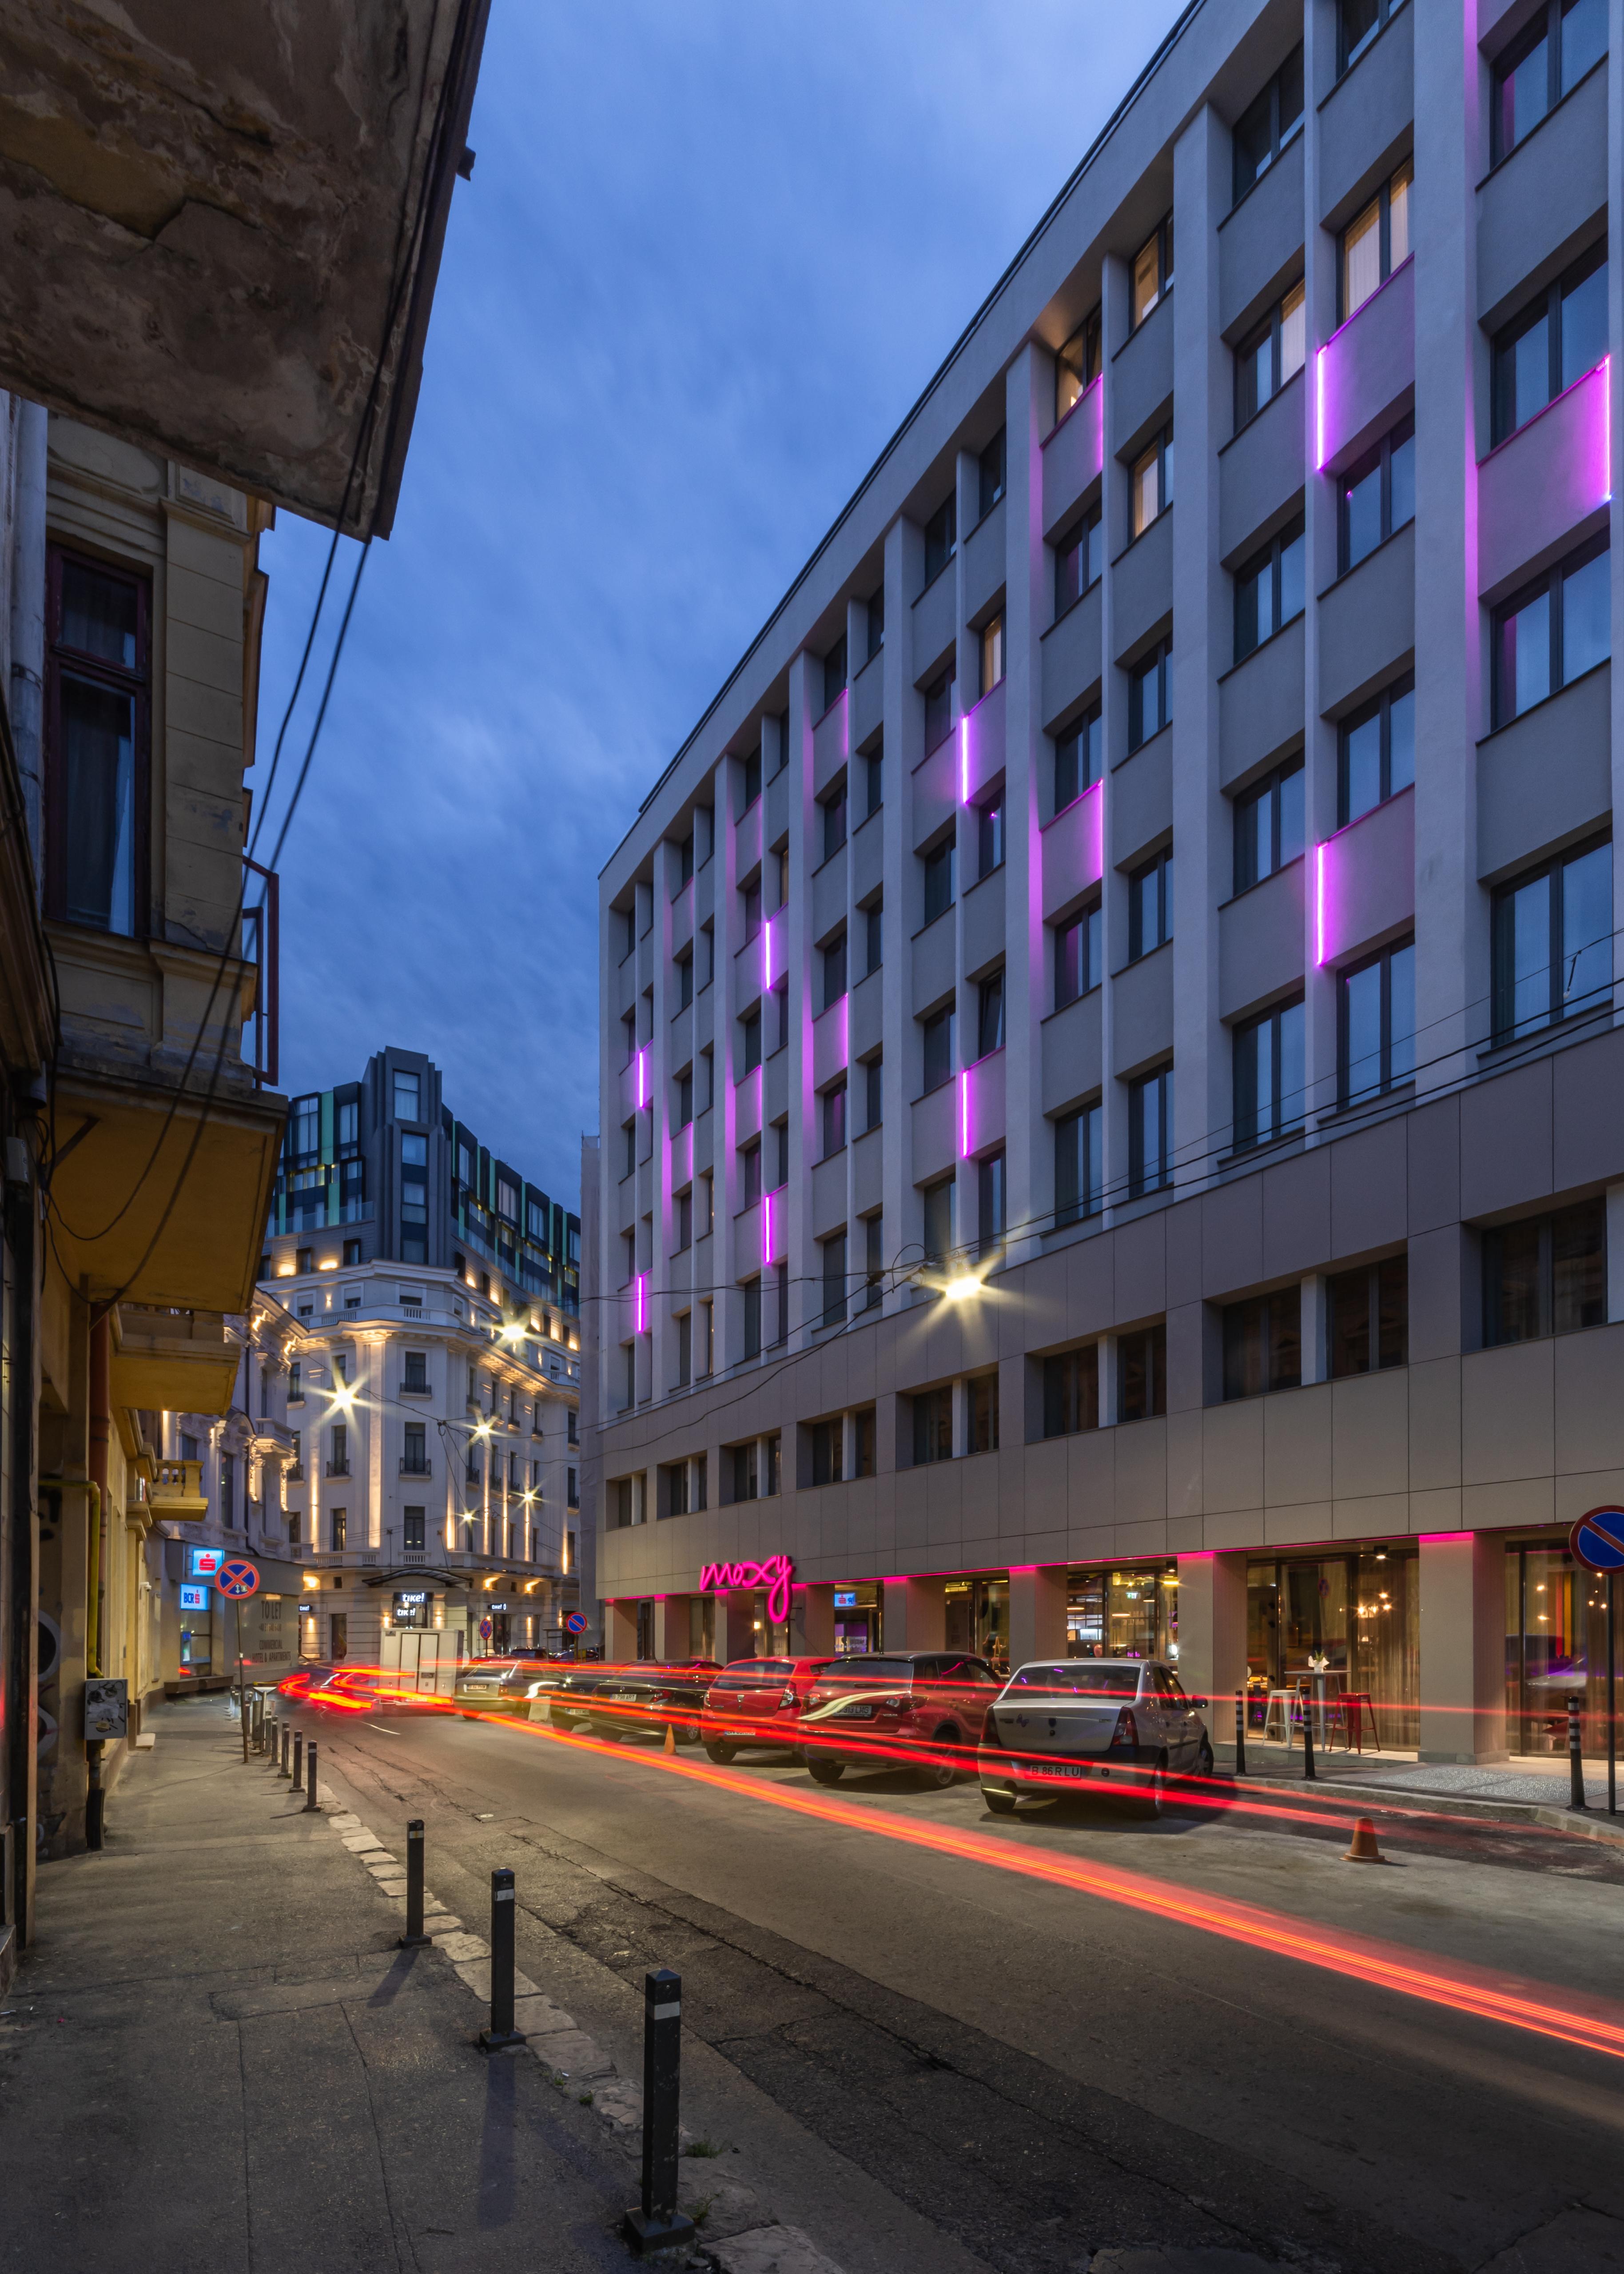 Hotel Moxy cover